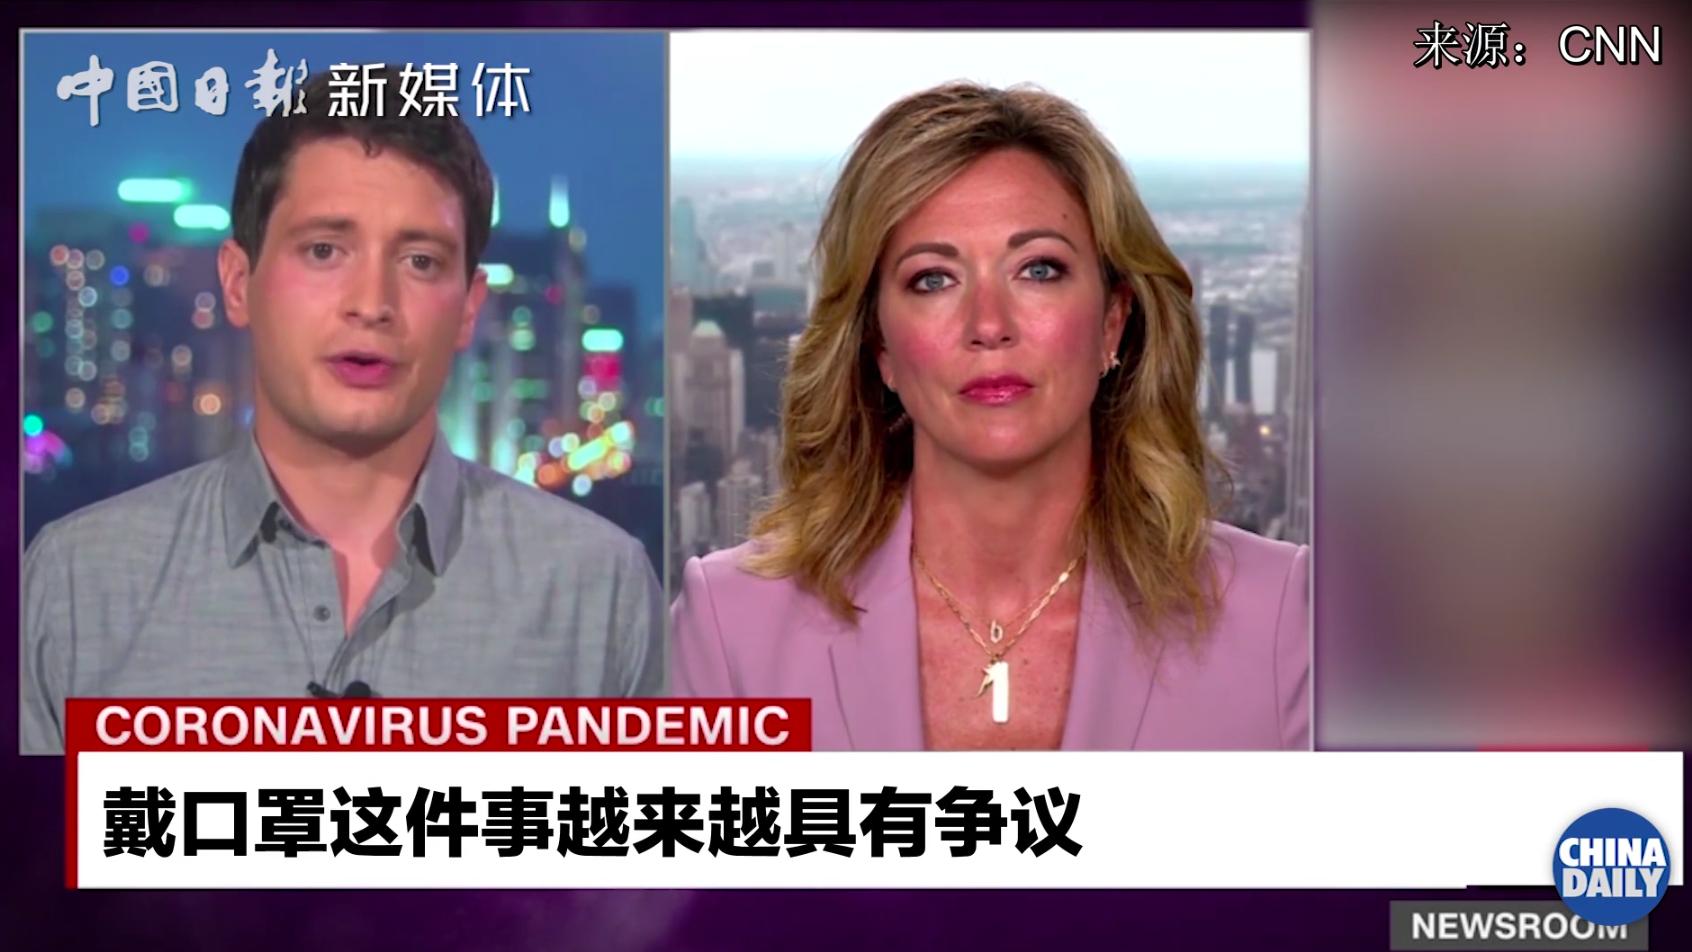 CNN记者介绍北京防疫,女主播一脸惊讶